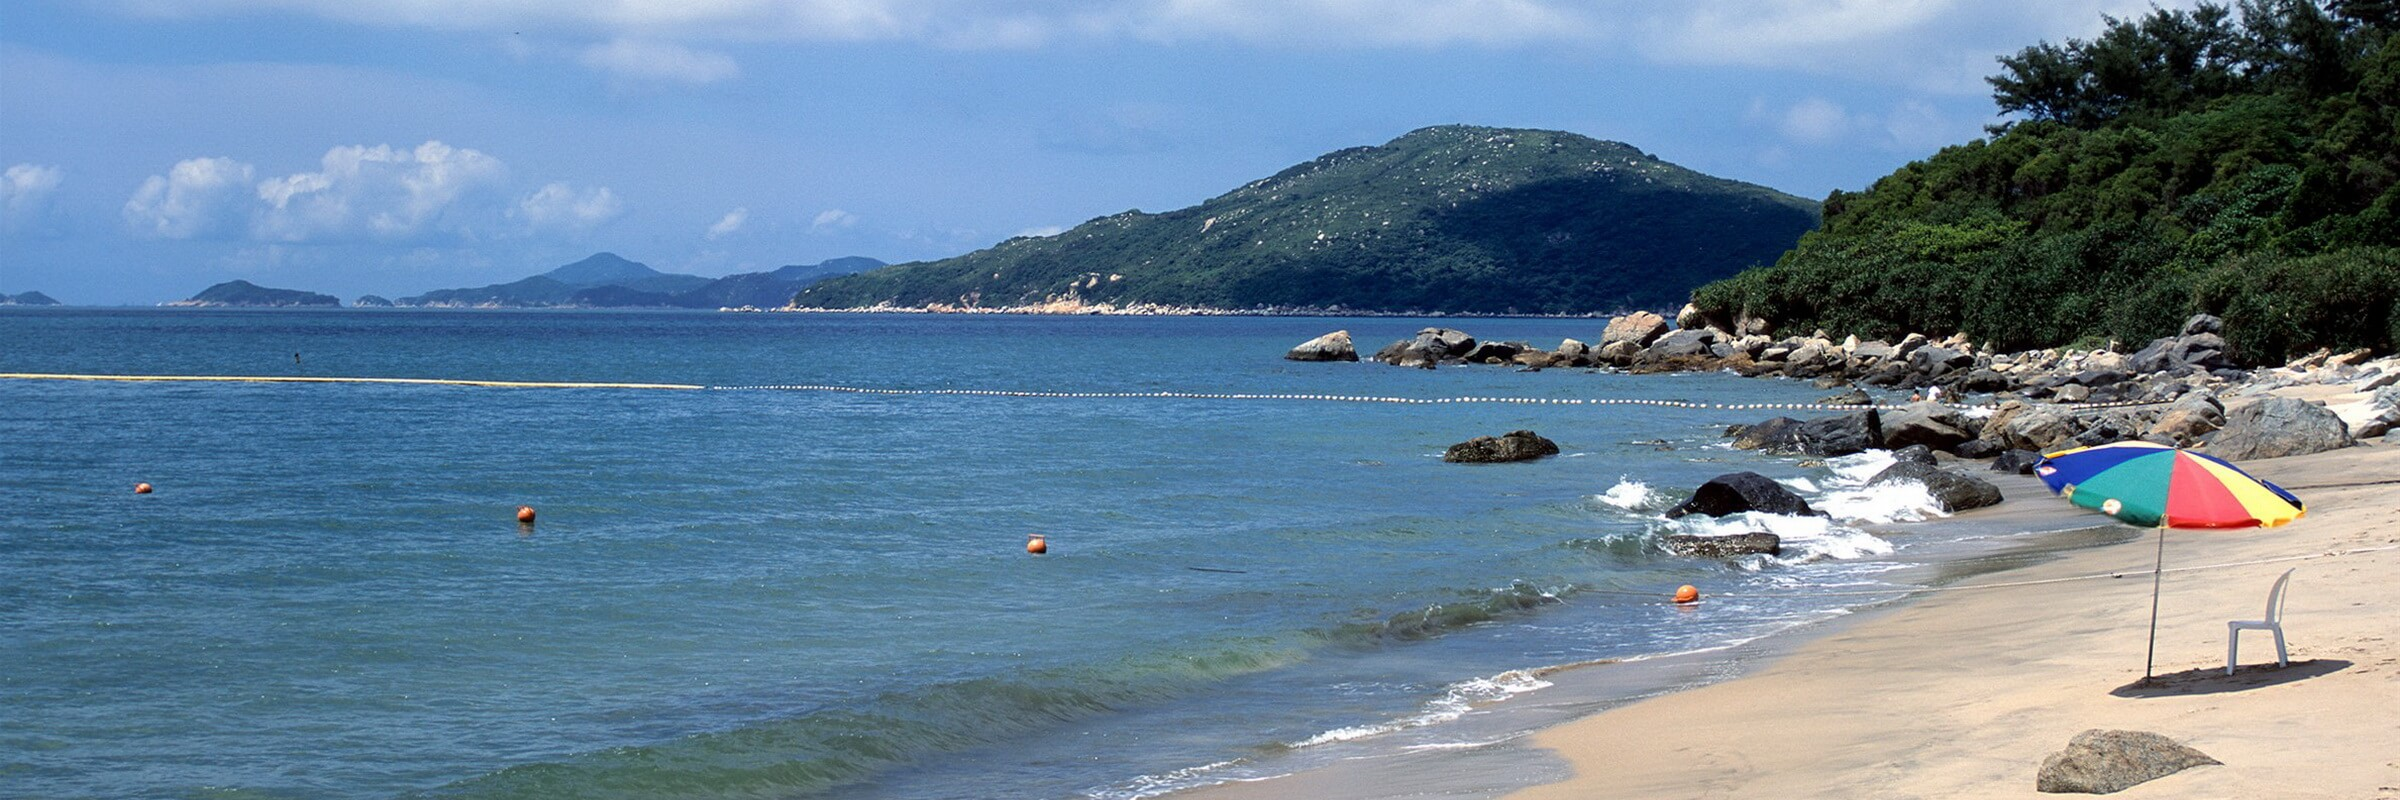 Lantau Island hat über 100.000 Einwohner und ist Hong Kongs größte insel